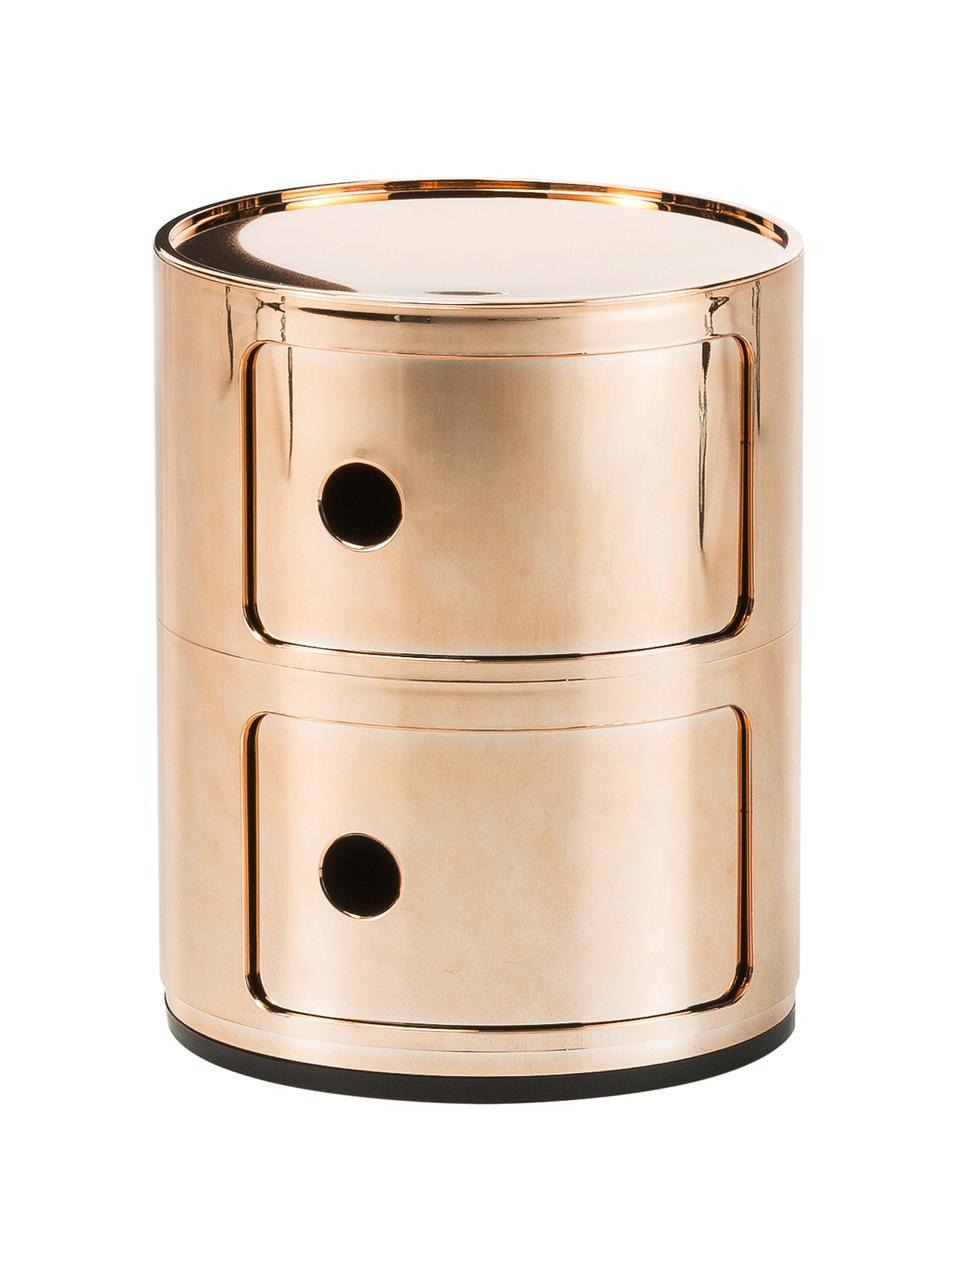 Comodino contenitore di design con 3 cassetti Componibili, Materiale sintetico (ABS), verniciato, Oro, Ø 32 x Alt. 40 cm